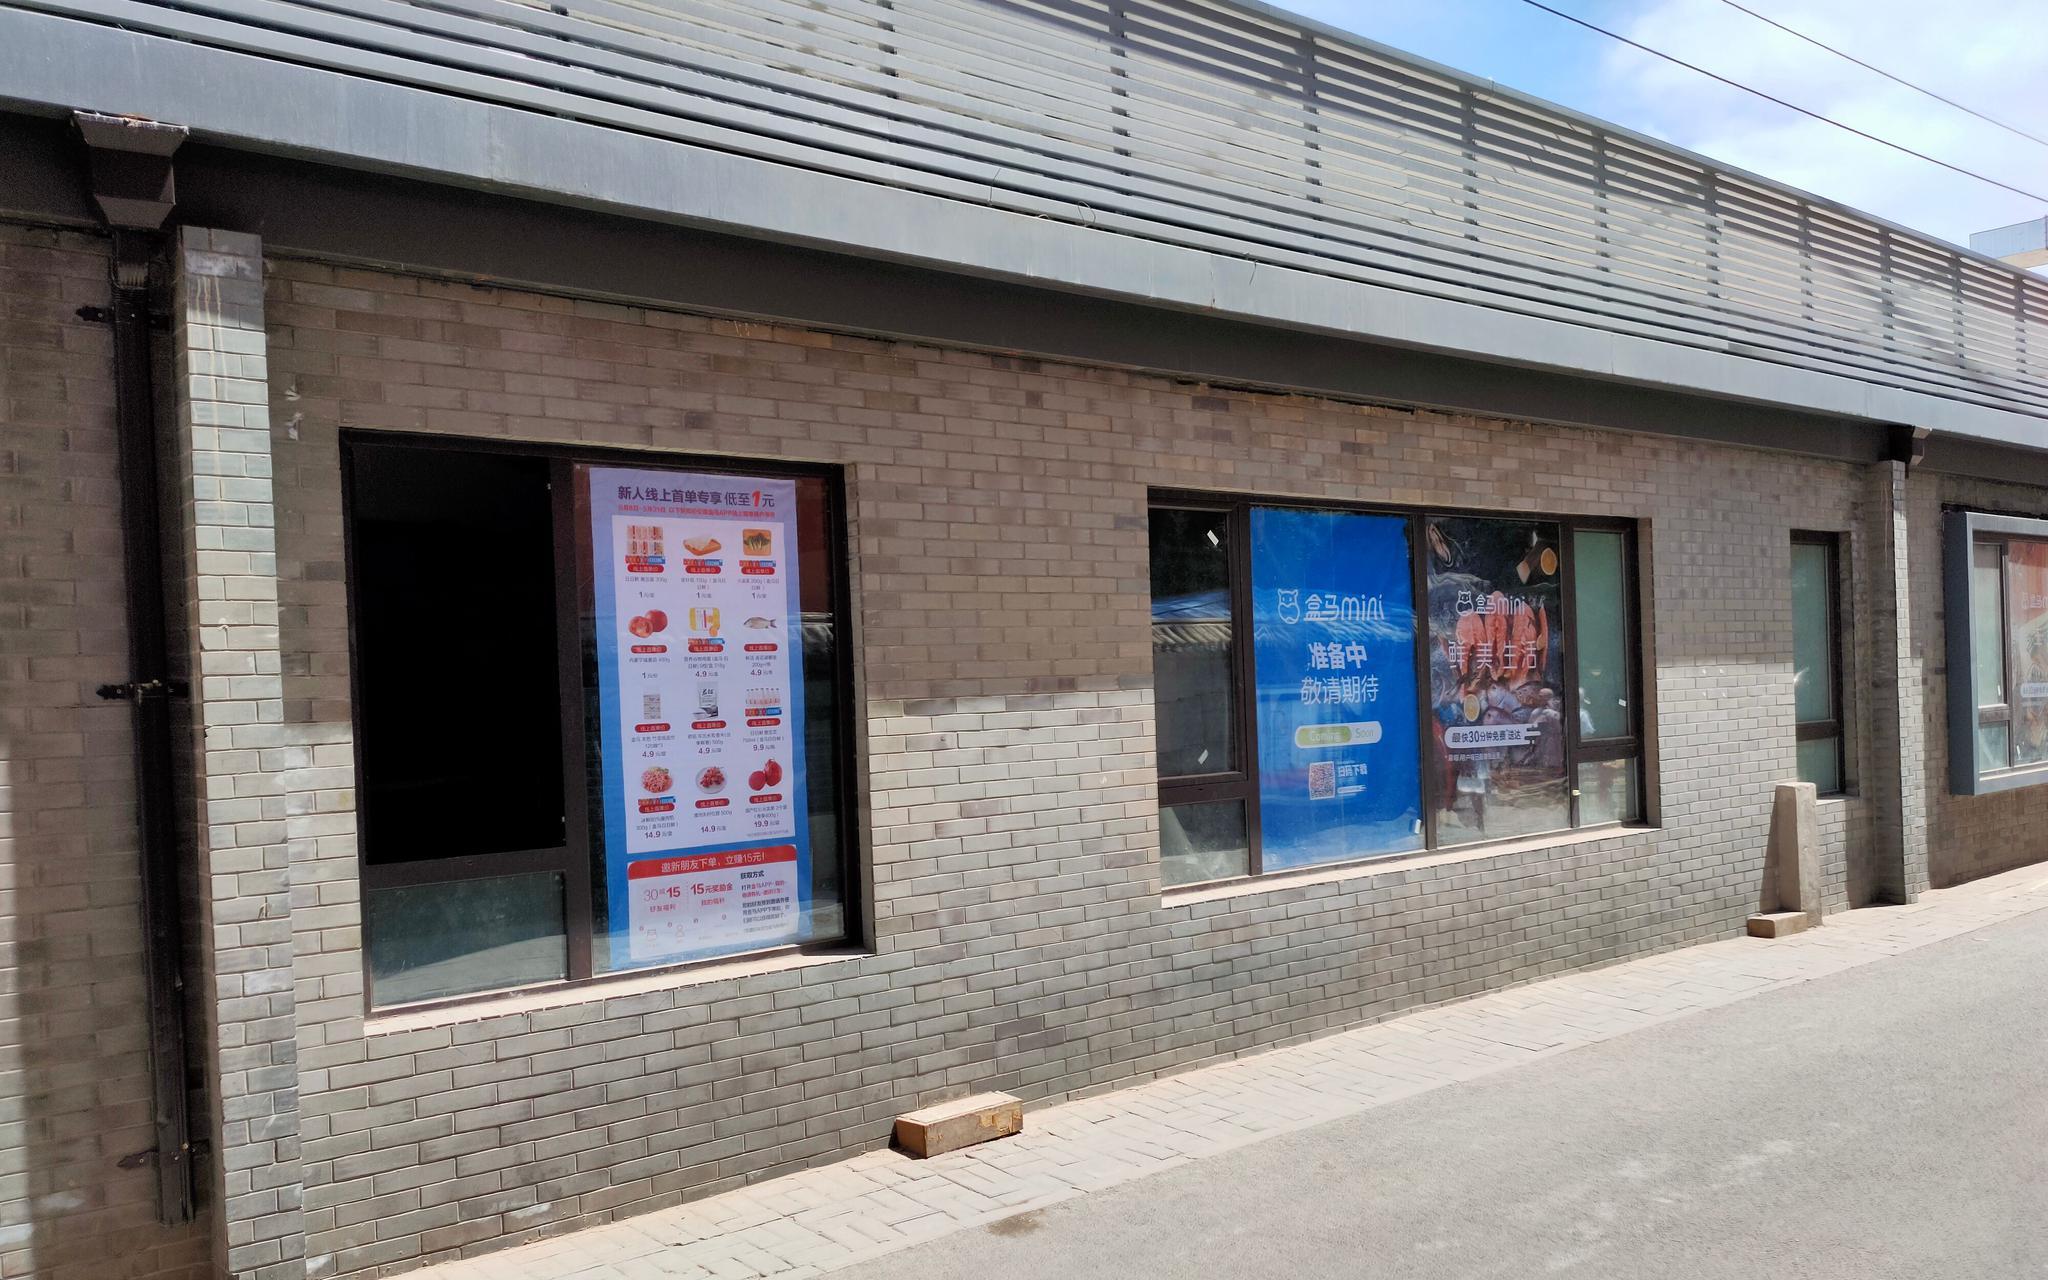 [赢咖3主管]入北京市场首赢咖3主管店选址黄图片